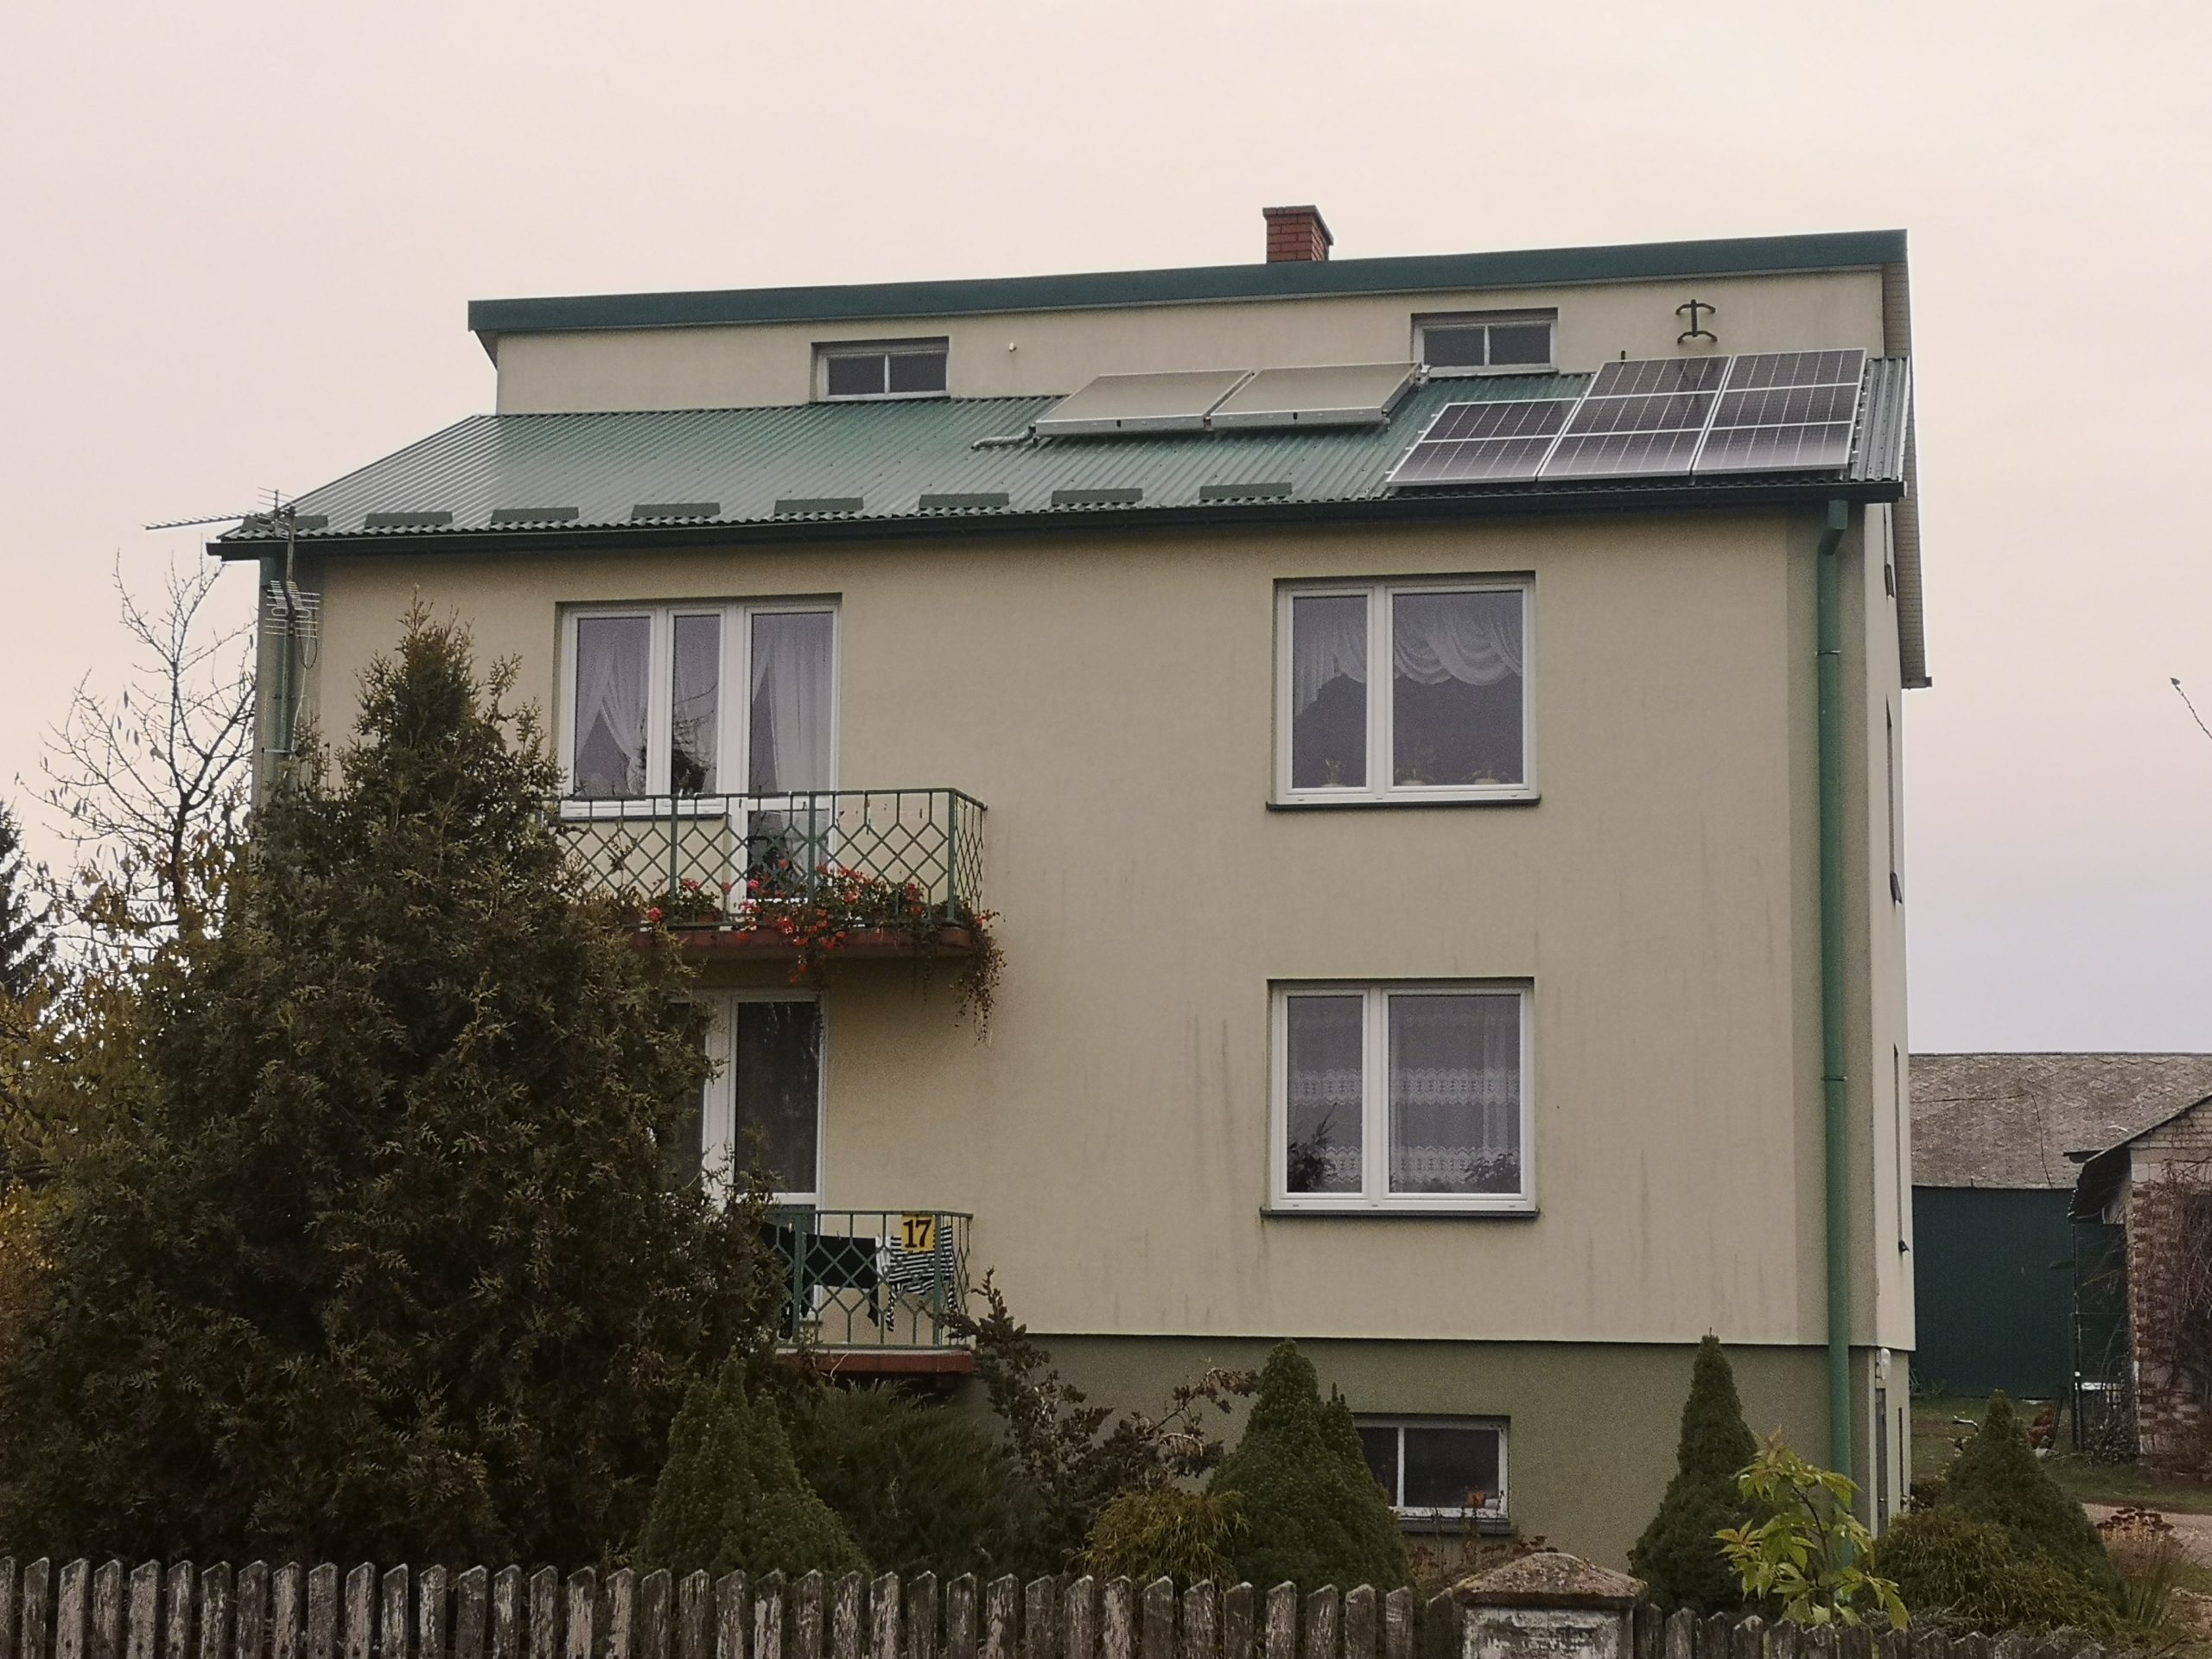 Marcinów, gm. Abramów - 2,24 kWp